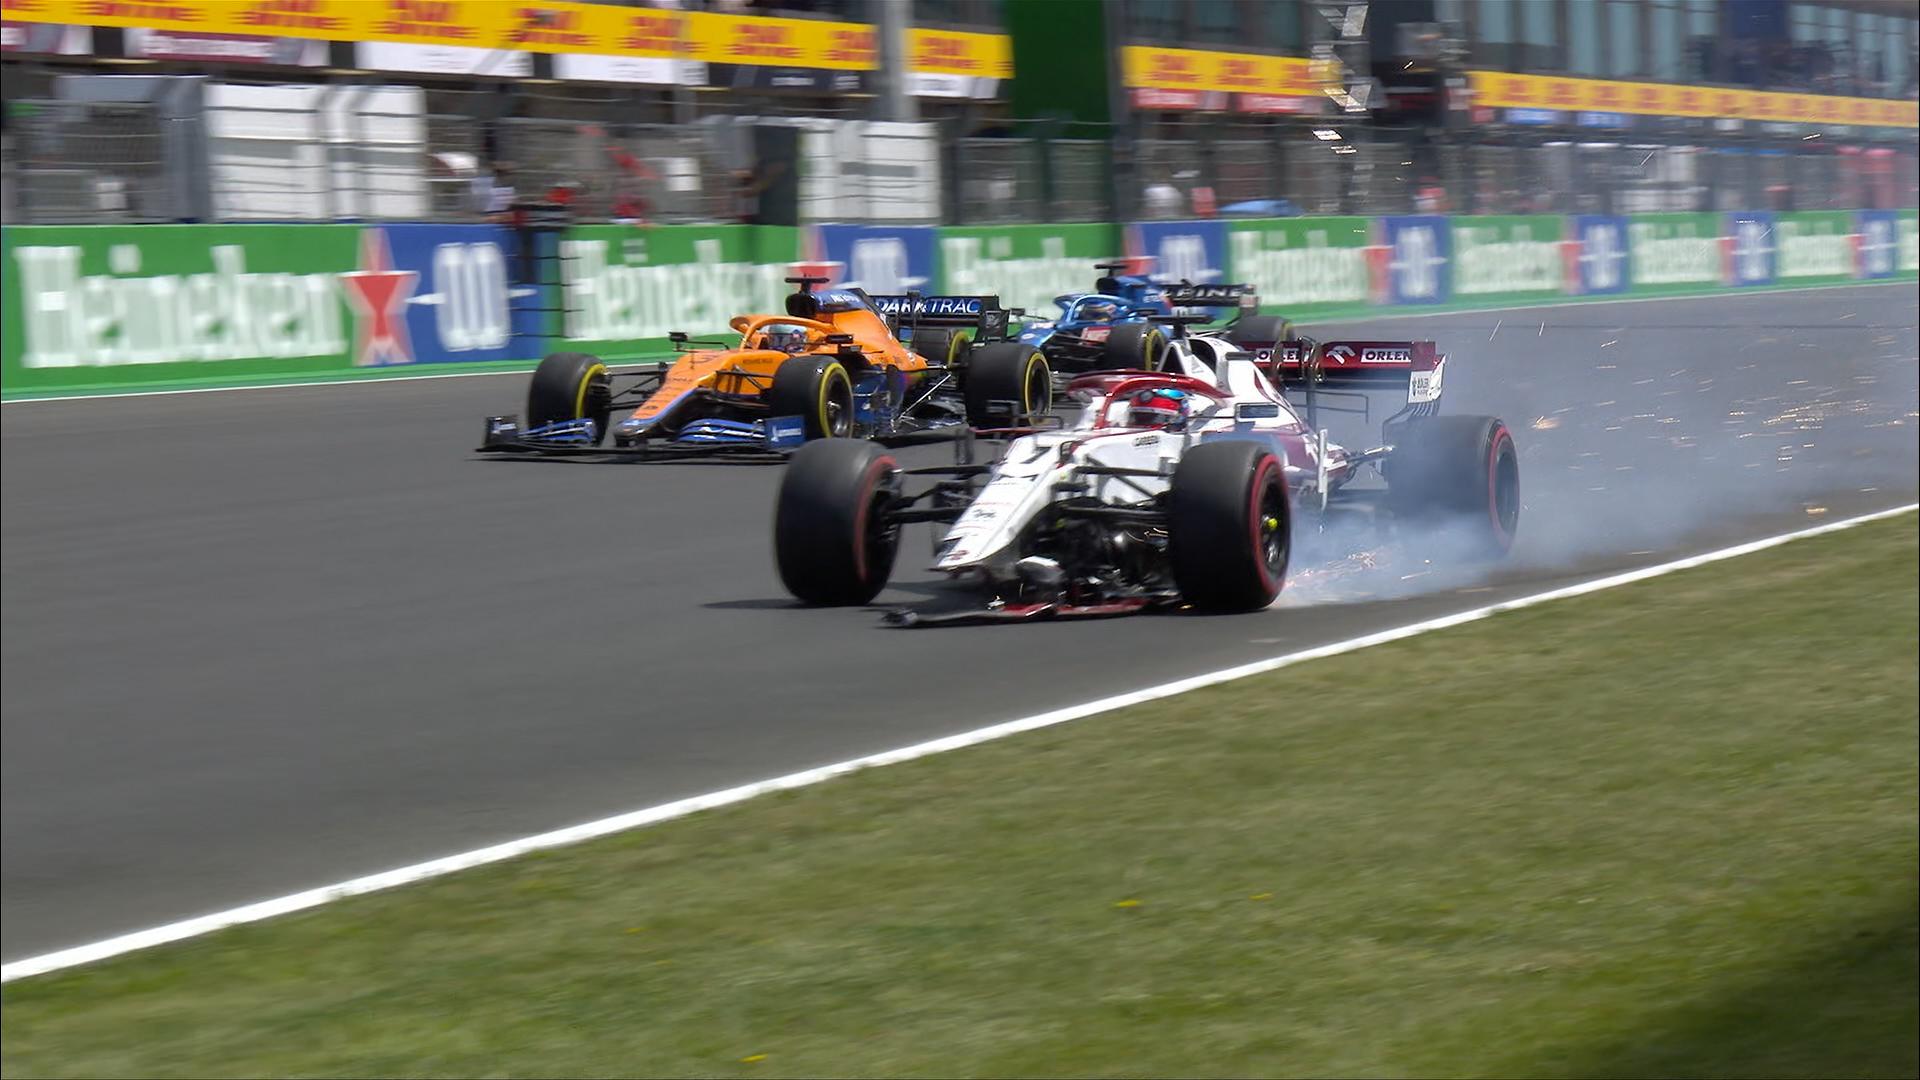 2021 Portuguese Grand Prix: Räikkönen's front wing explodes